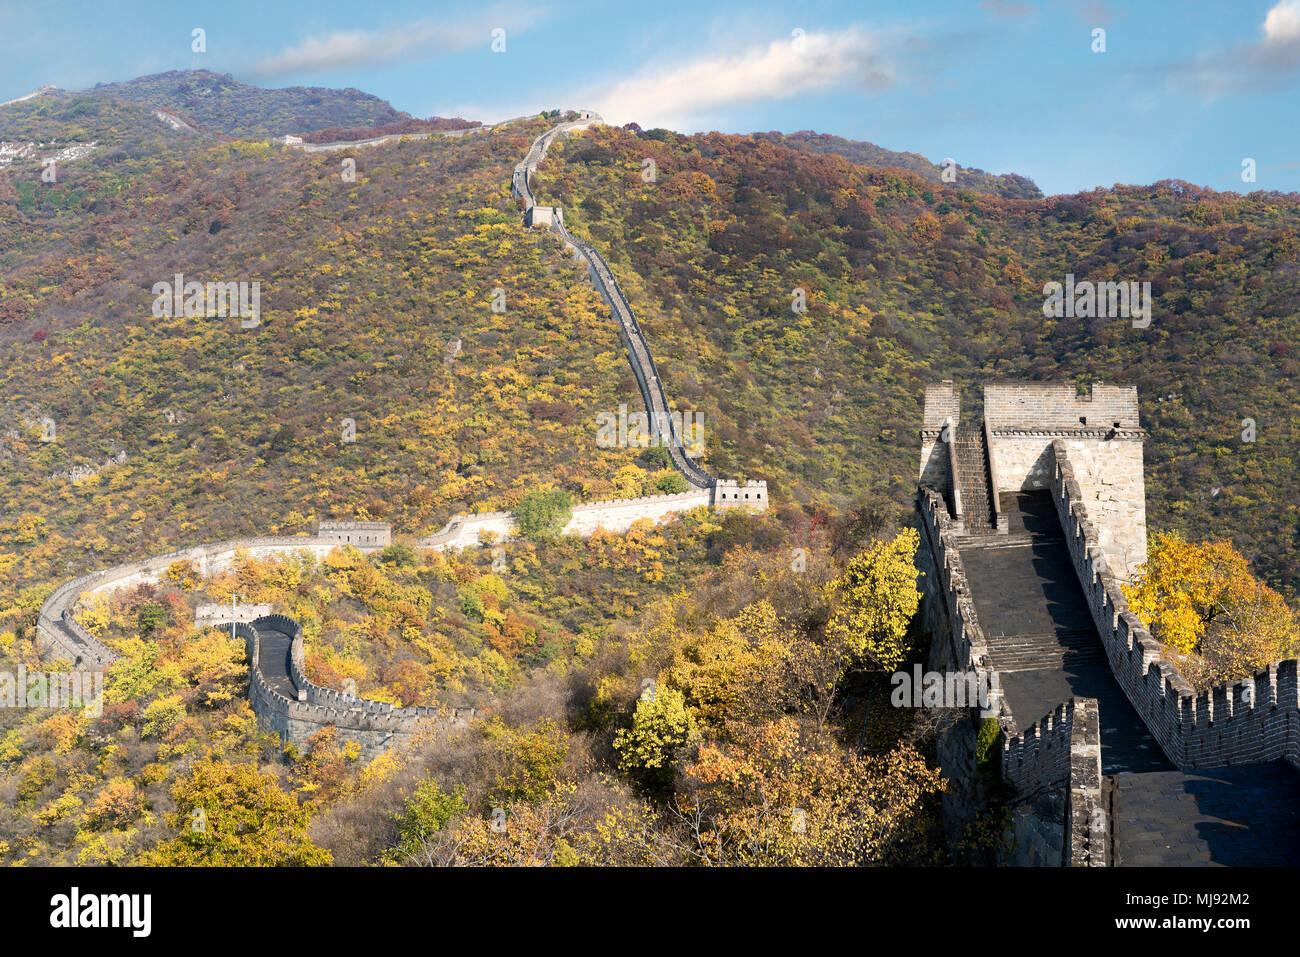 La grande muraille de Chine vue lointaine tours comprimé et segments de mur saison d'automne dans les montagnes près de Beijing chine ancienne militaire l'enrichissement Photo Stock